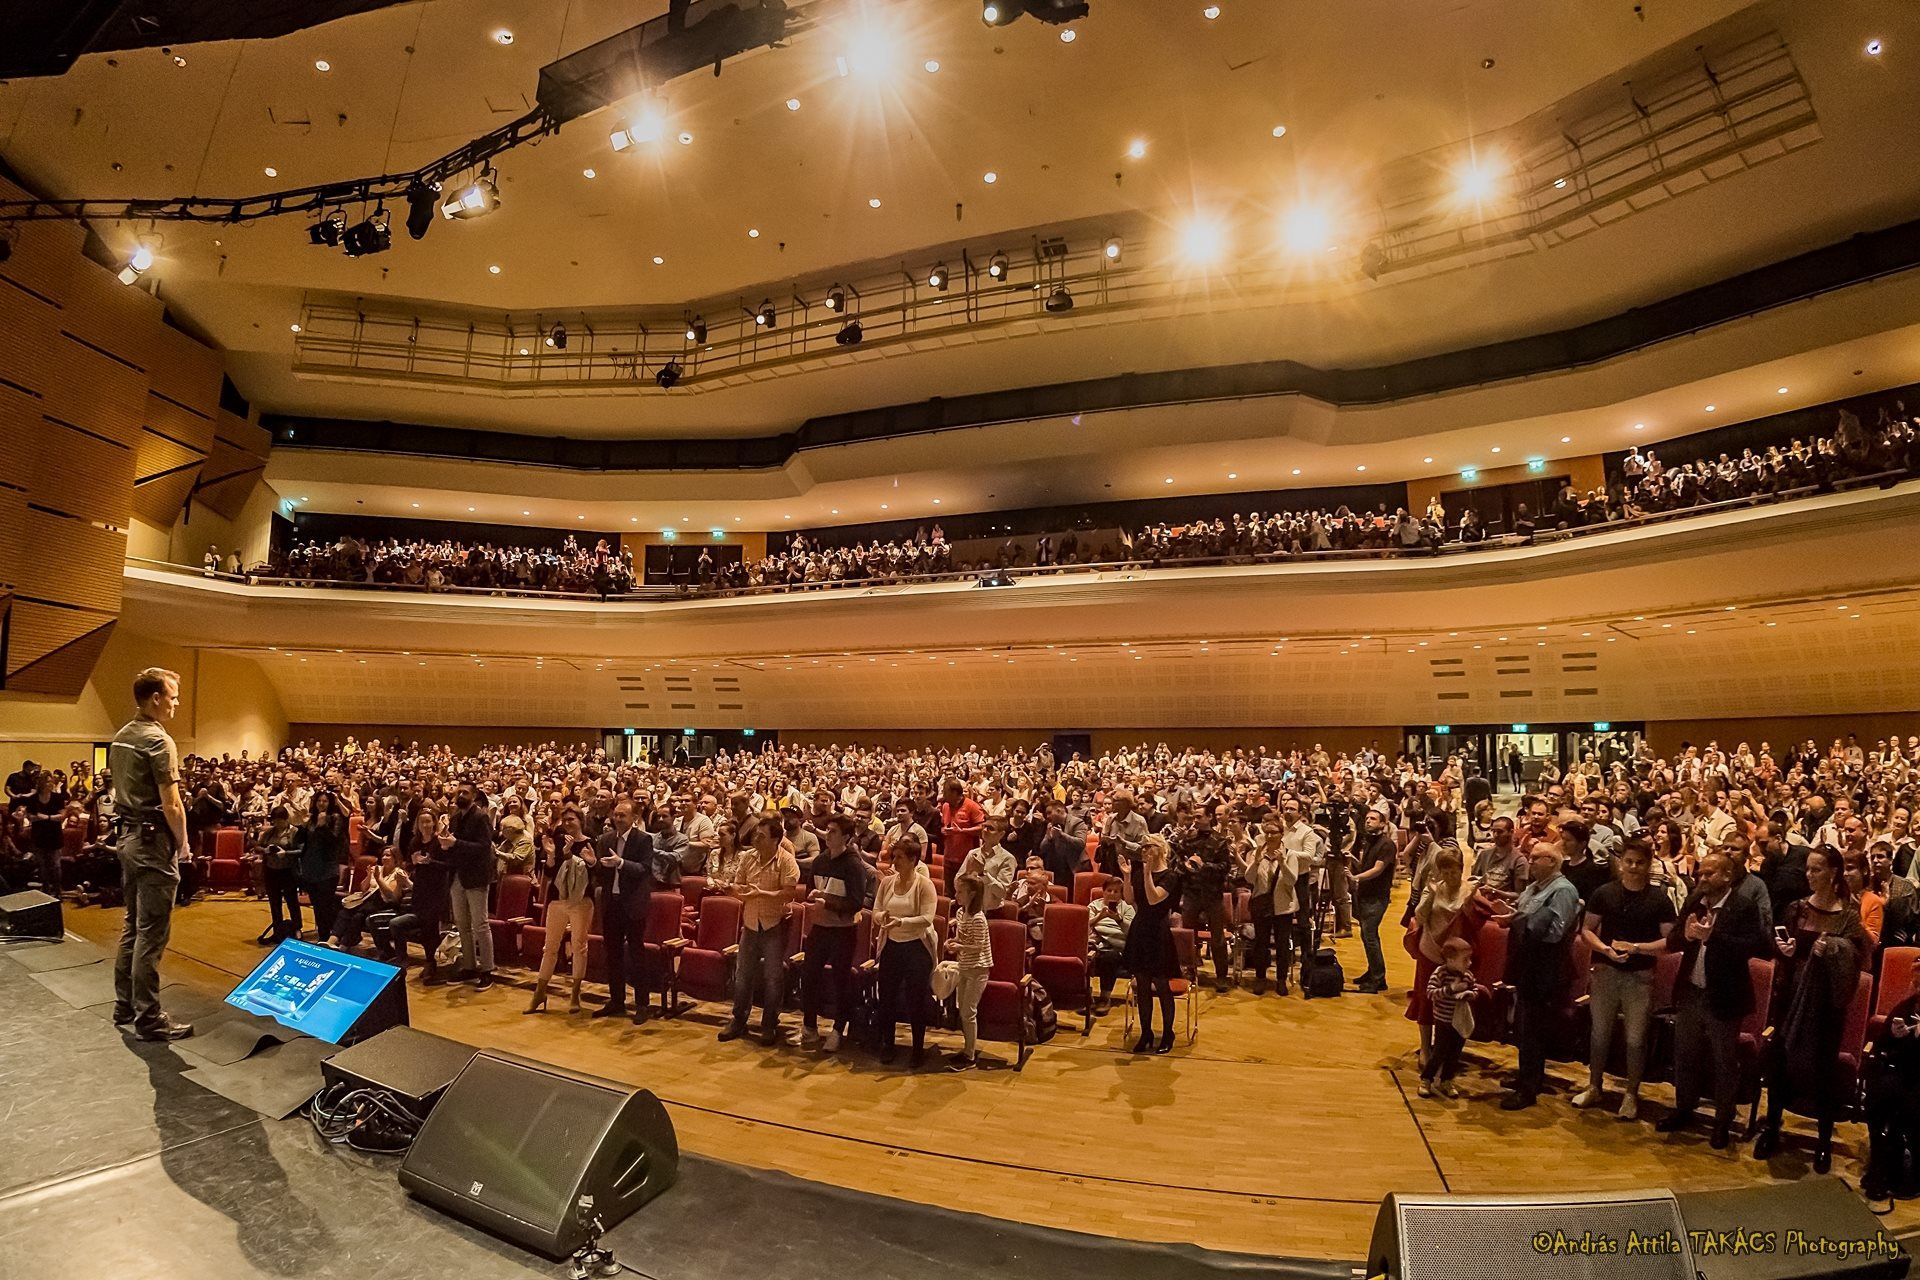 Máté Bence Vértelen Vadászat című előadása végén állva tapsolt a közönség